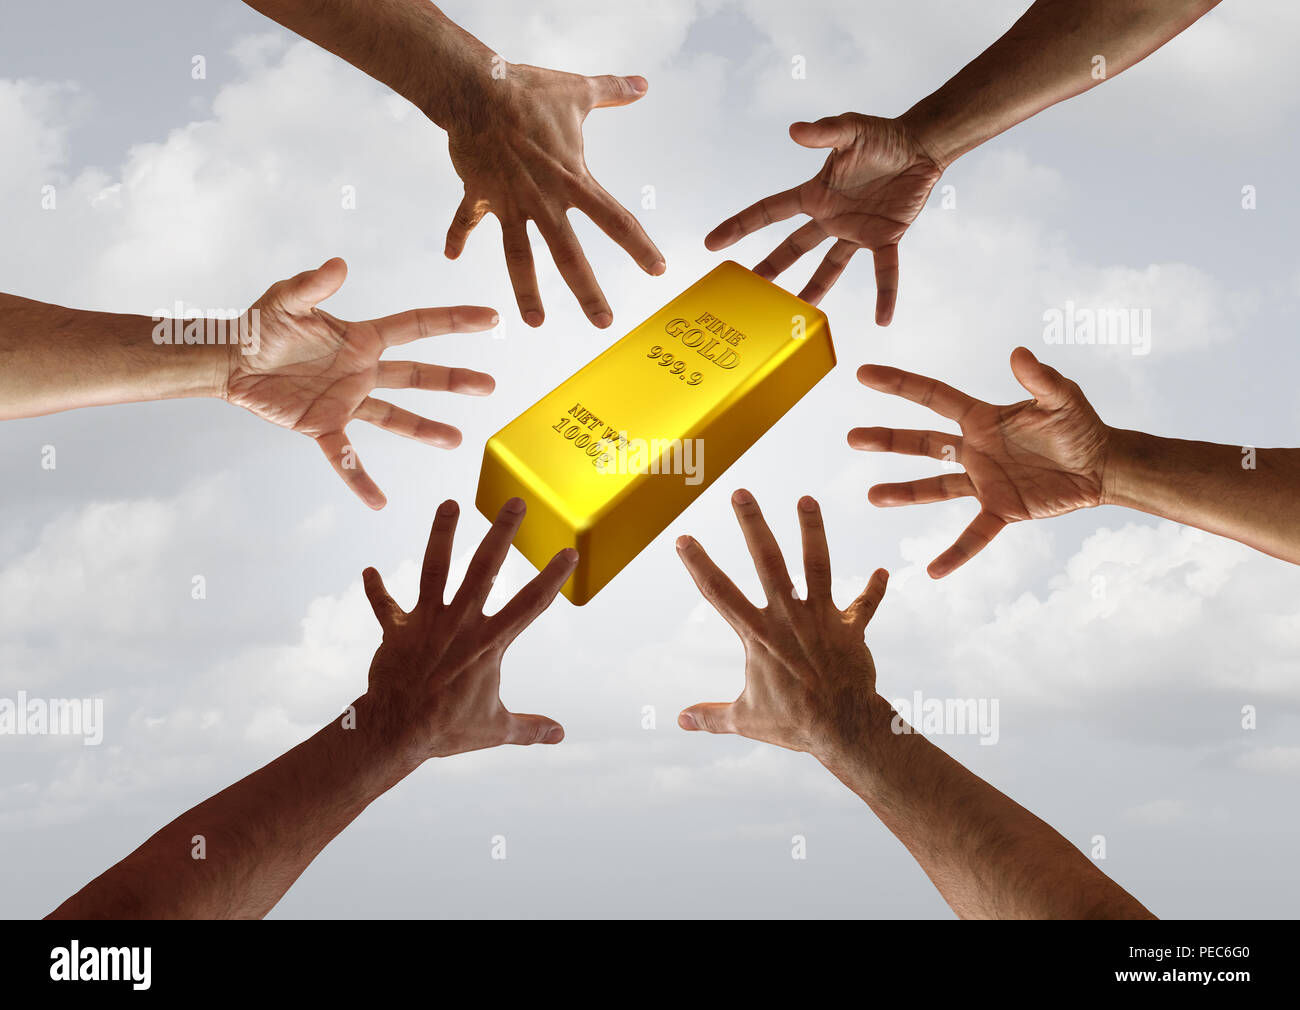 La domanda di oro e merce globale di investimenti finanziari e di business del concetto di commercio come diverse mani di raggiungere per un golden bar. Immagini Stock